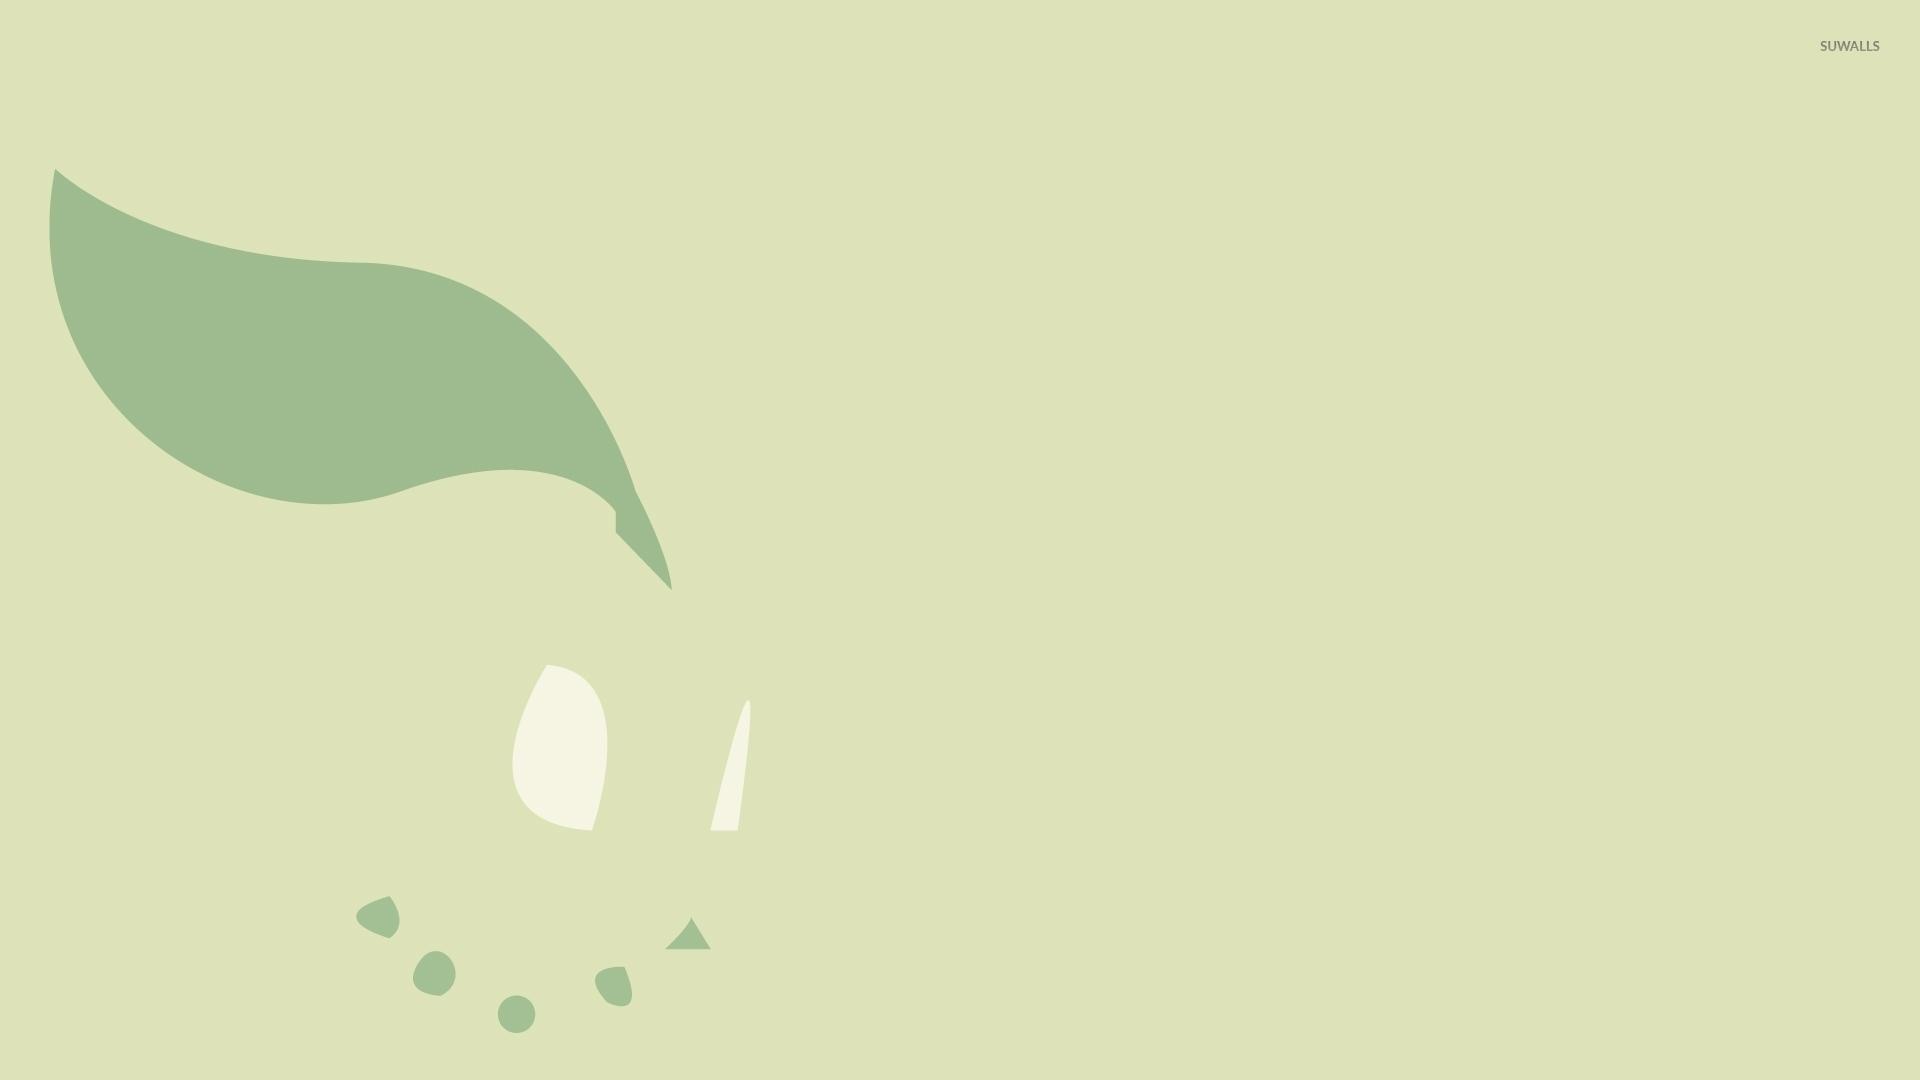 Chikorita   Pokemon wallpaper   Game wallpapers   33218 1920x1080